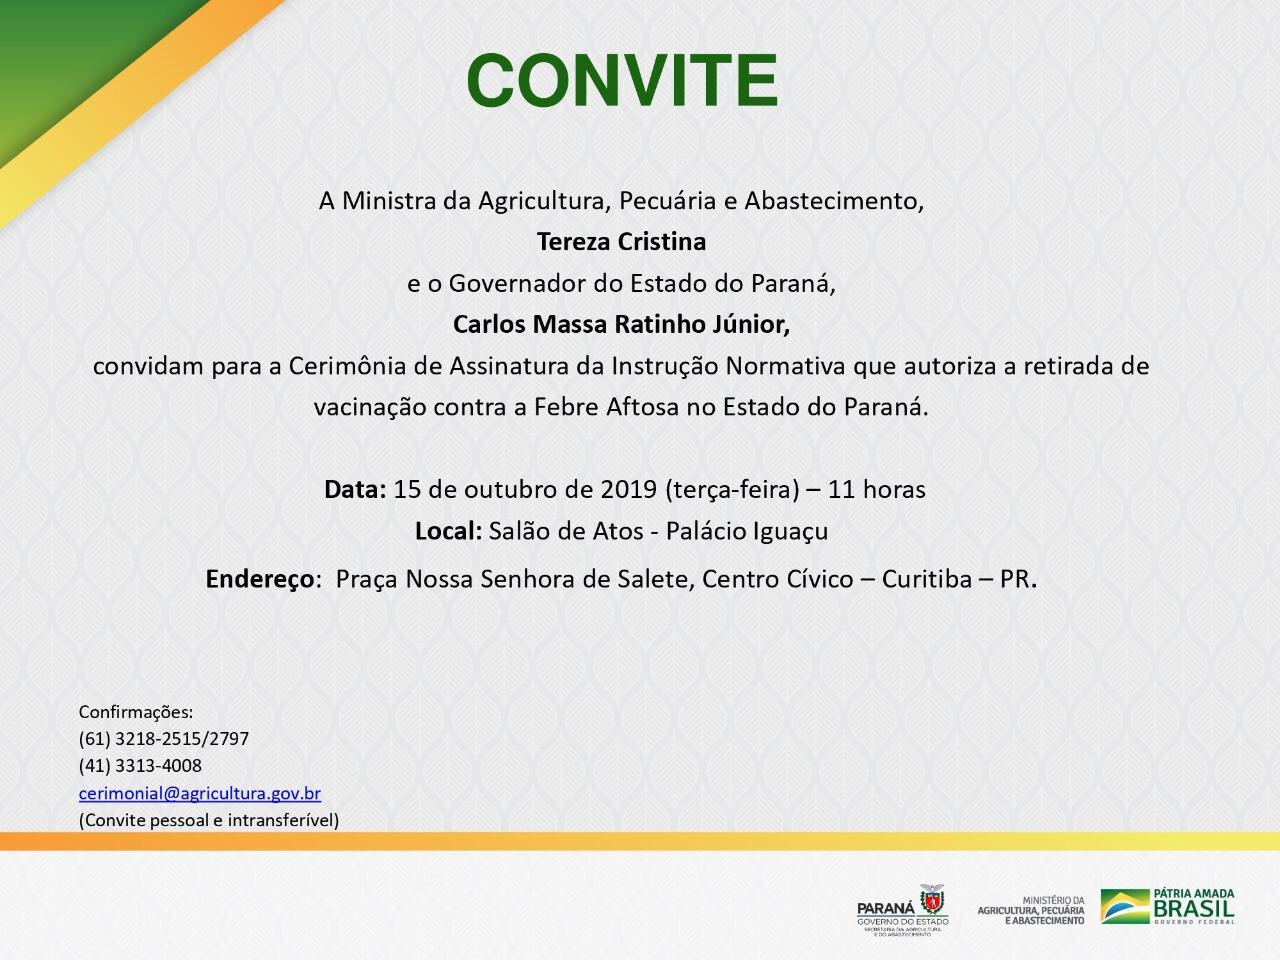 sanidade convite 09 10 2019